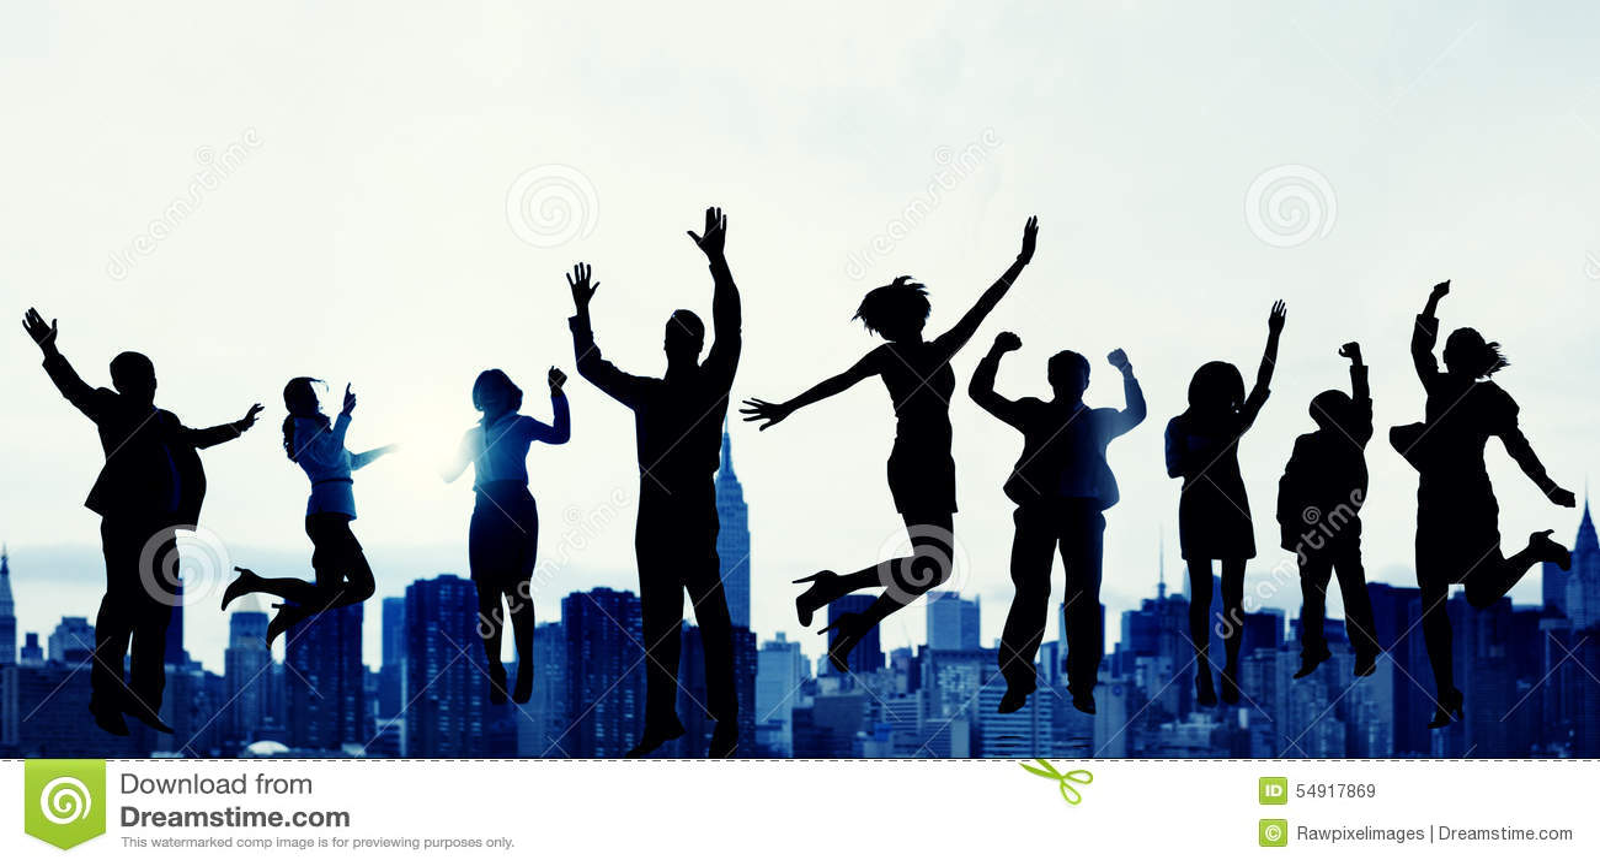 Έννοια επιτεύγματος νίκης ενθουσιασμού επιτυχίας επιχειρηματιών